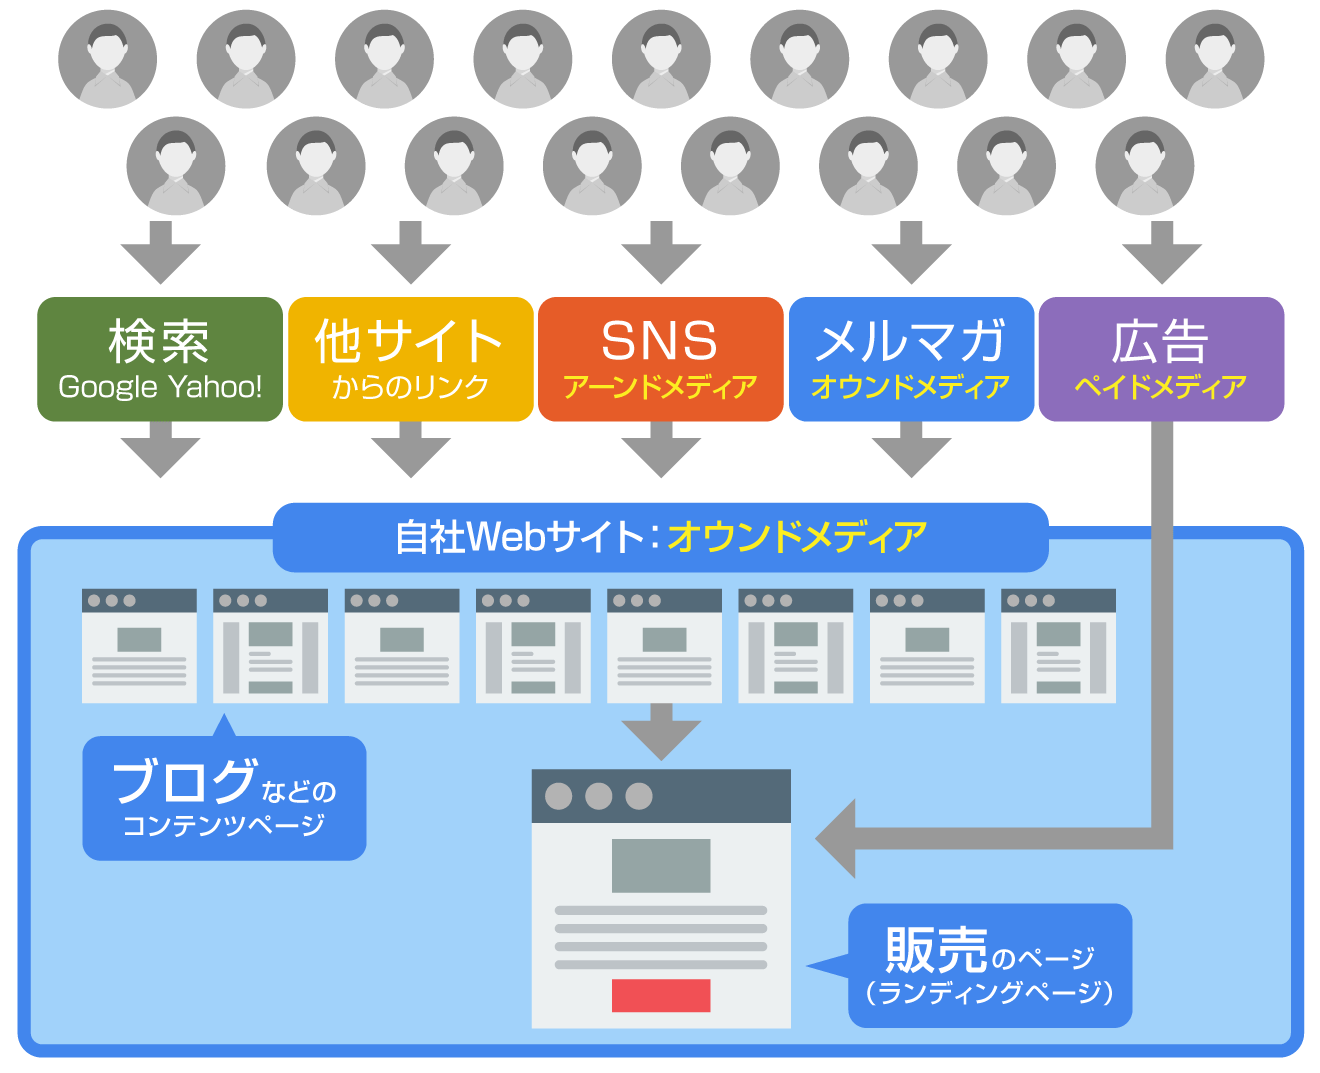 Webマーケティングの流れ